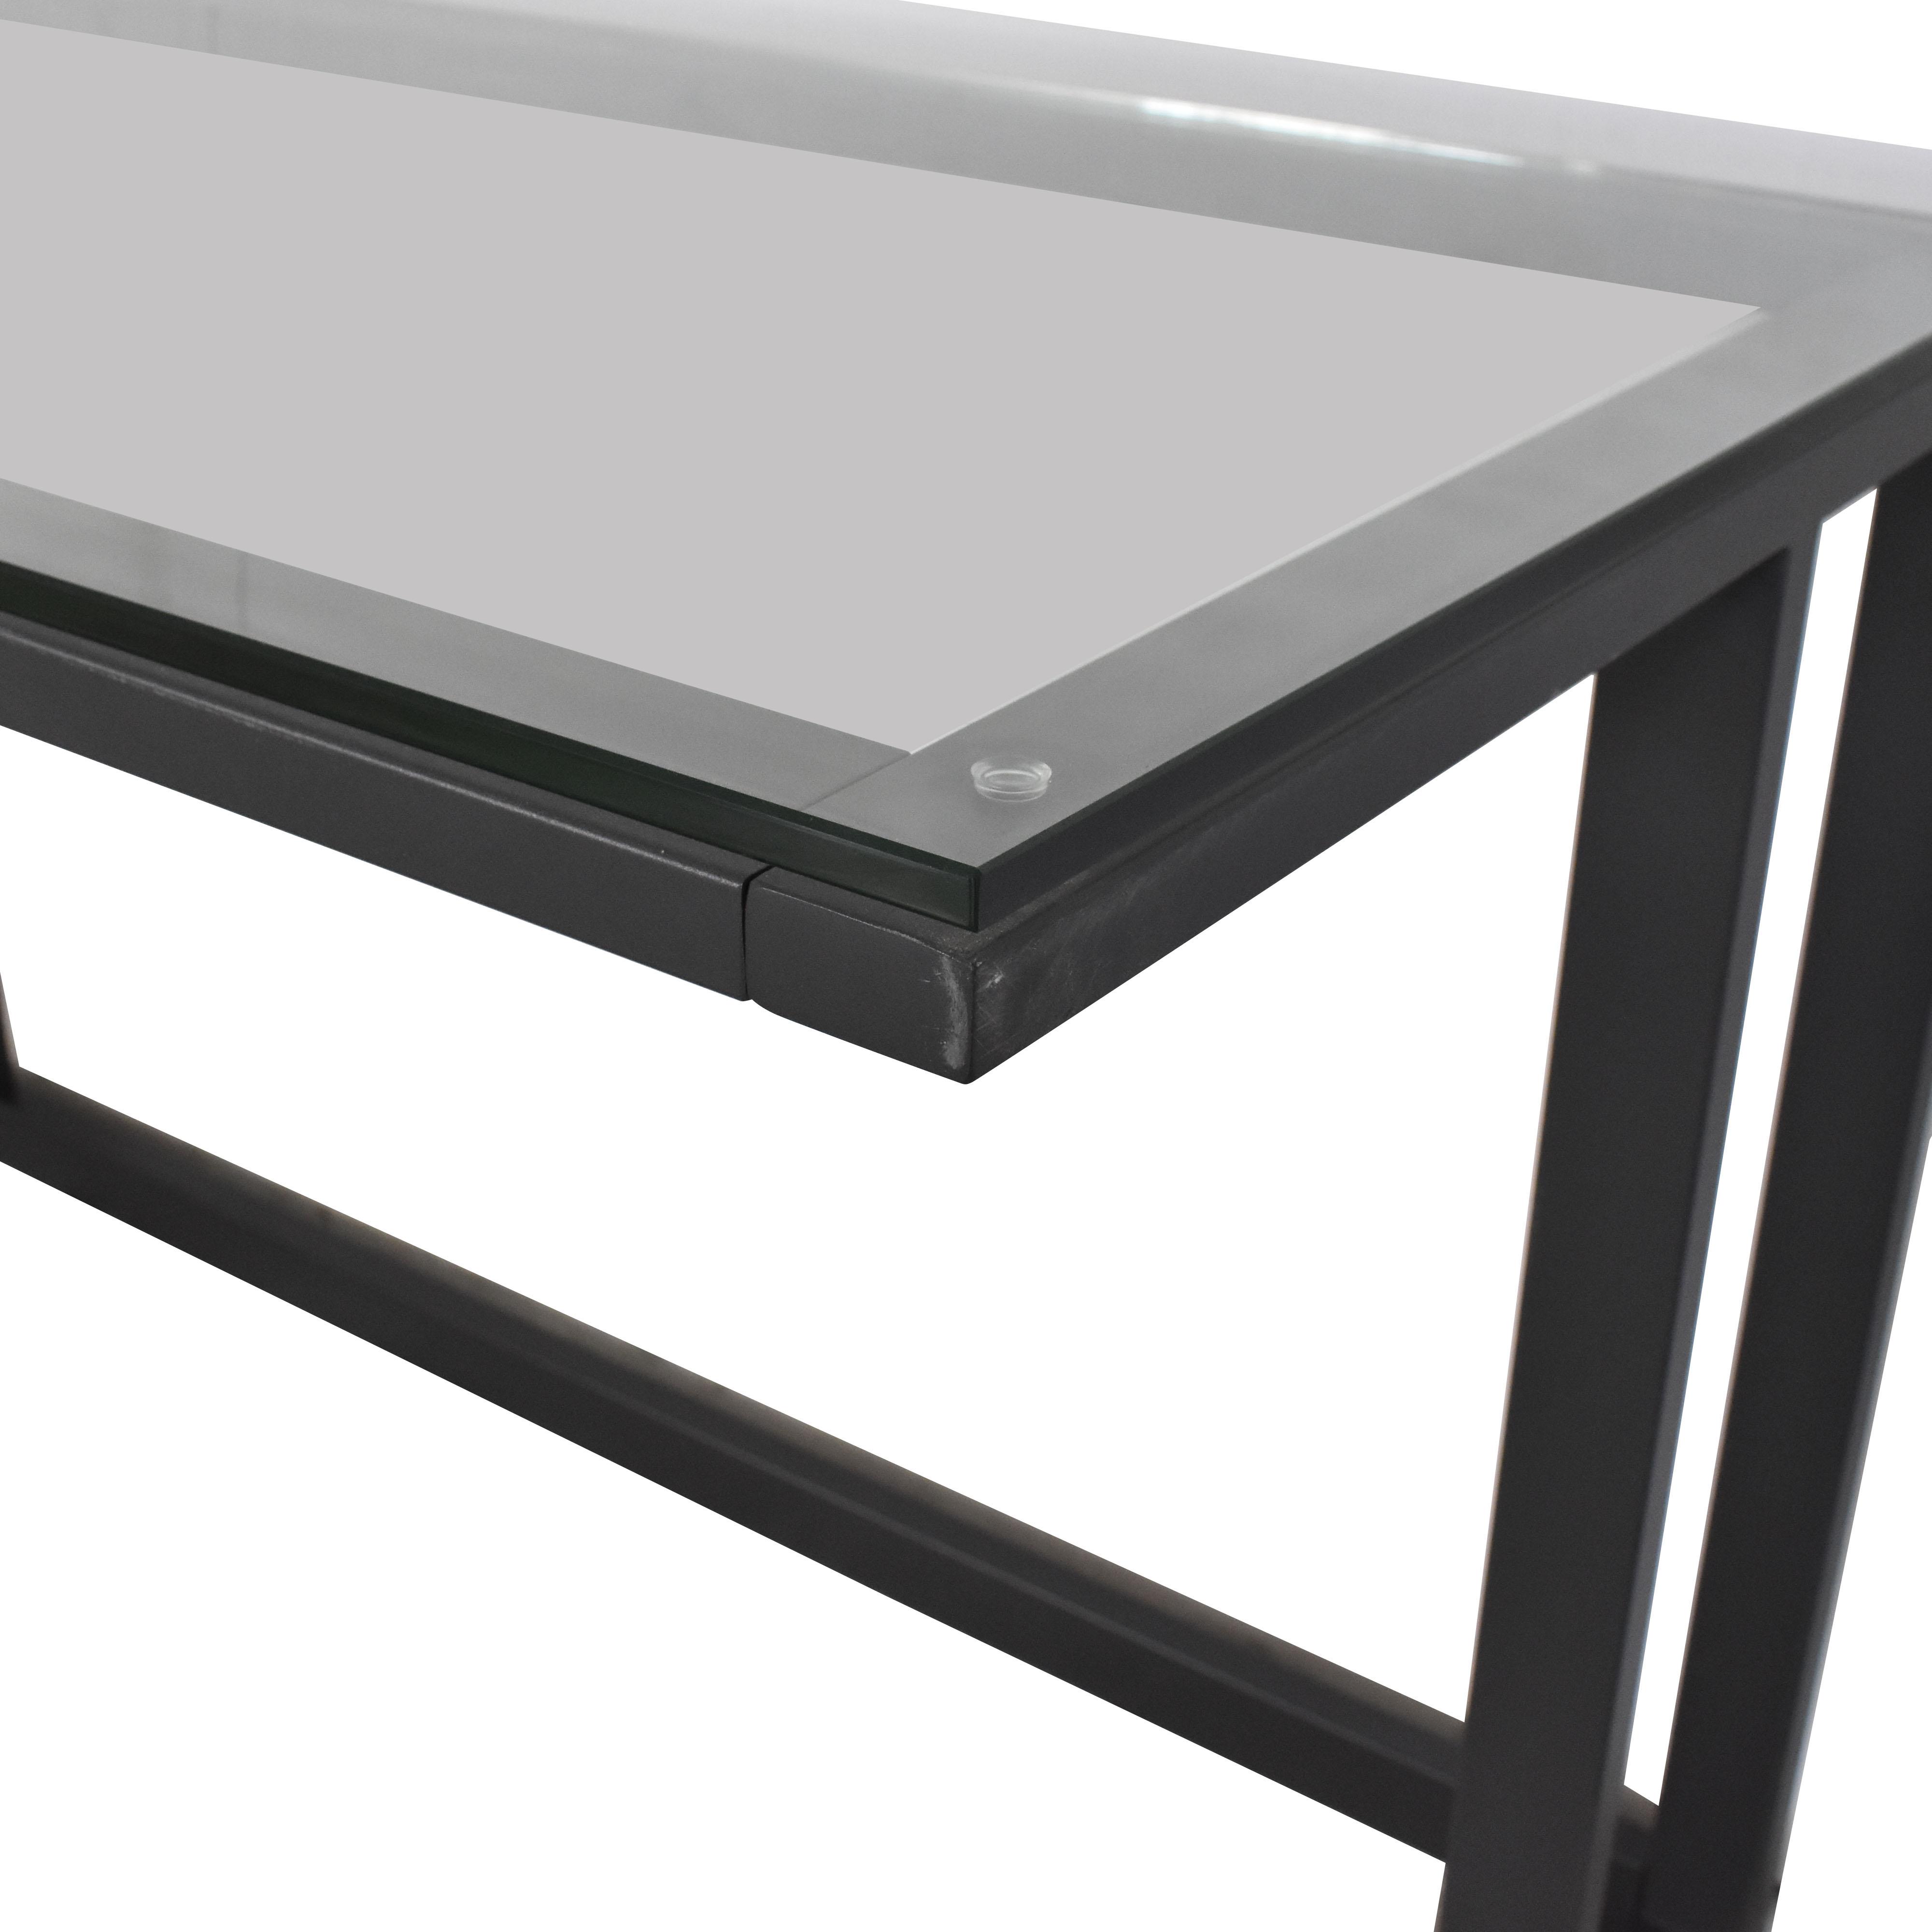 Crate & Barrel Pilsen Graphite Corner Desk / Home Office Desks